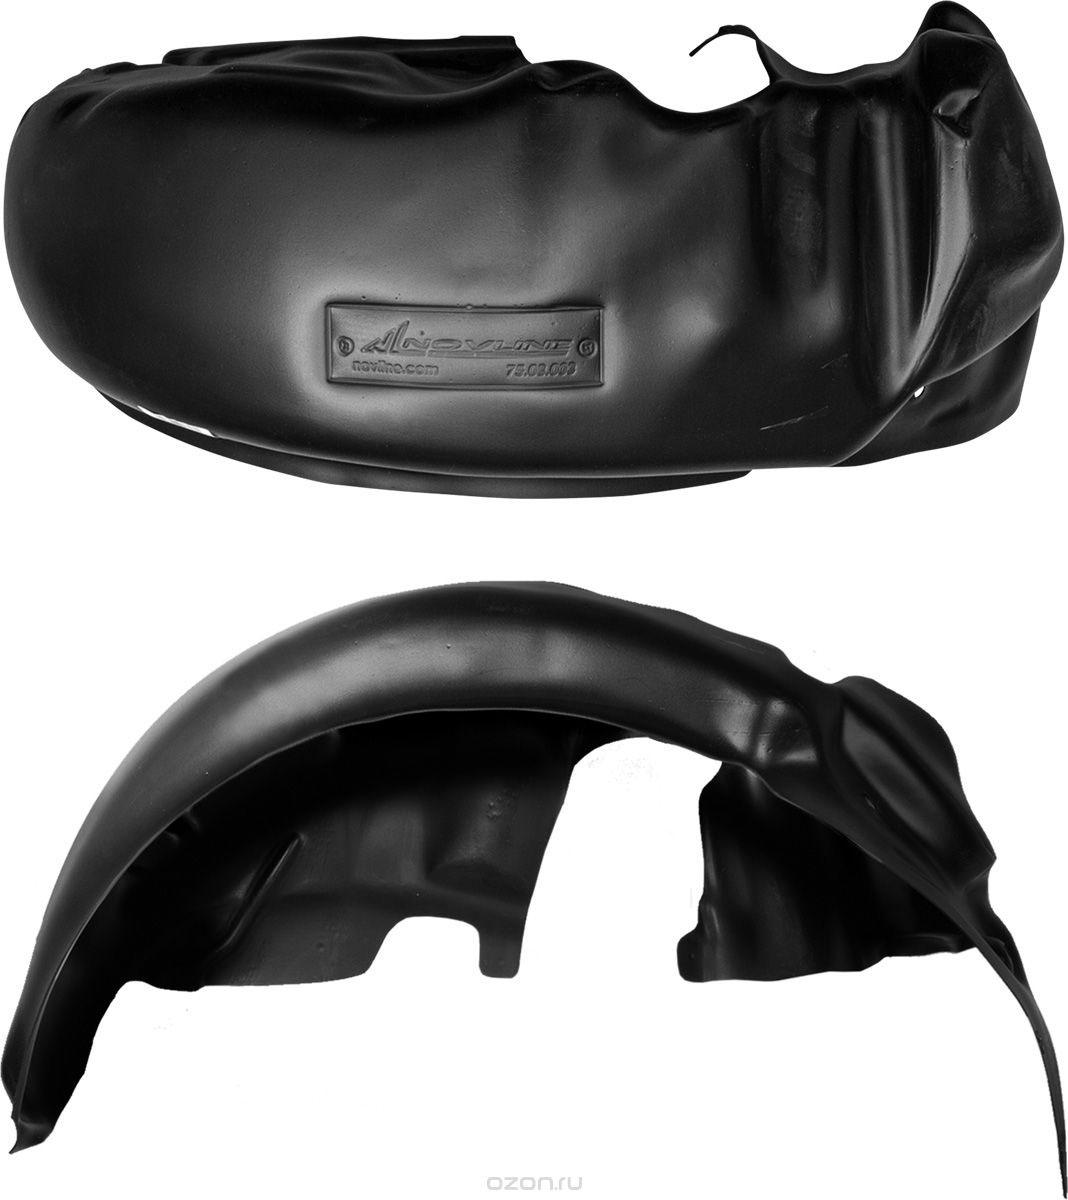 Подкрылок Novline-Autofamily, для Mazda 6, 2012-2015, 2015->, задний правыйNLL.33.17.004Идеальная защита колесной ниши. Локеры разработаны с применением цифровых технологий, гарантируют максимальную повторяемость поверхности арки. Изделия устанавливаются без нарушения лакокрасочного покрытия автомобиля, каждый подкрылок комплектуется крепежом. Уважаемые клиенты, обращаем ваше внимание, что фотографии на подкрылки универсальные и не отражают реальную форму изделия. При этом само изделие идет точно под размер указанного автомобиля.